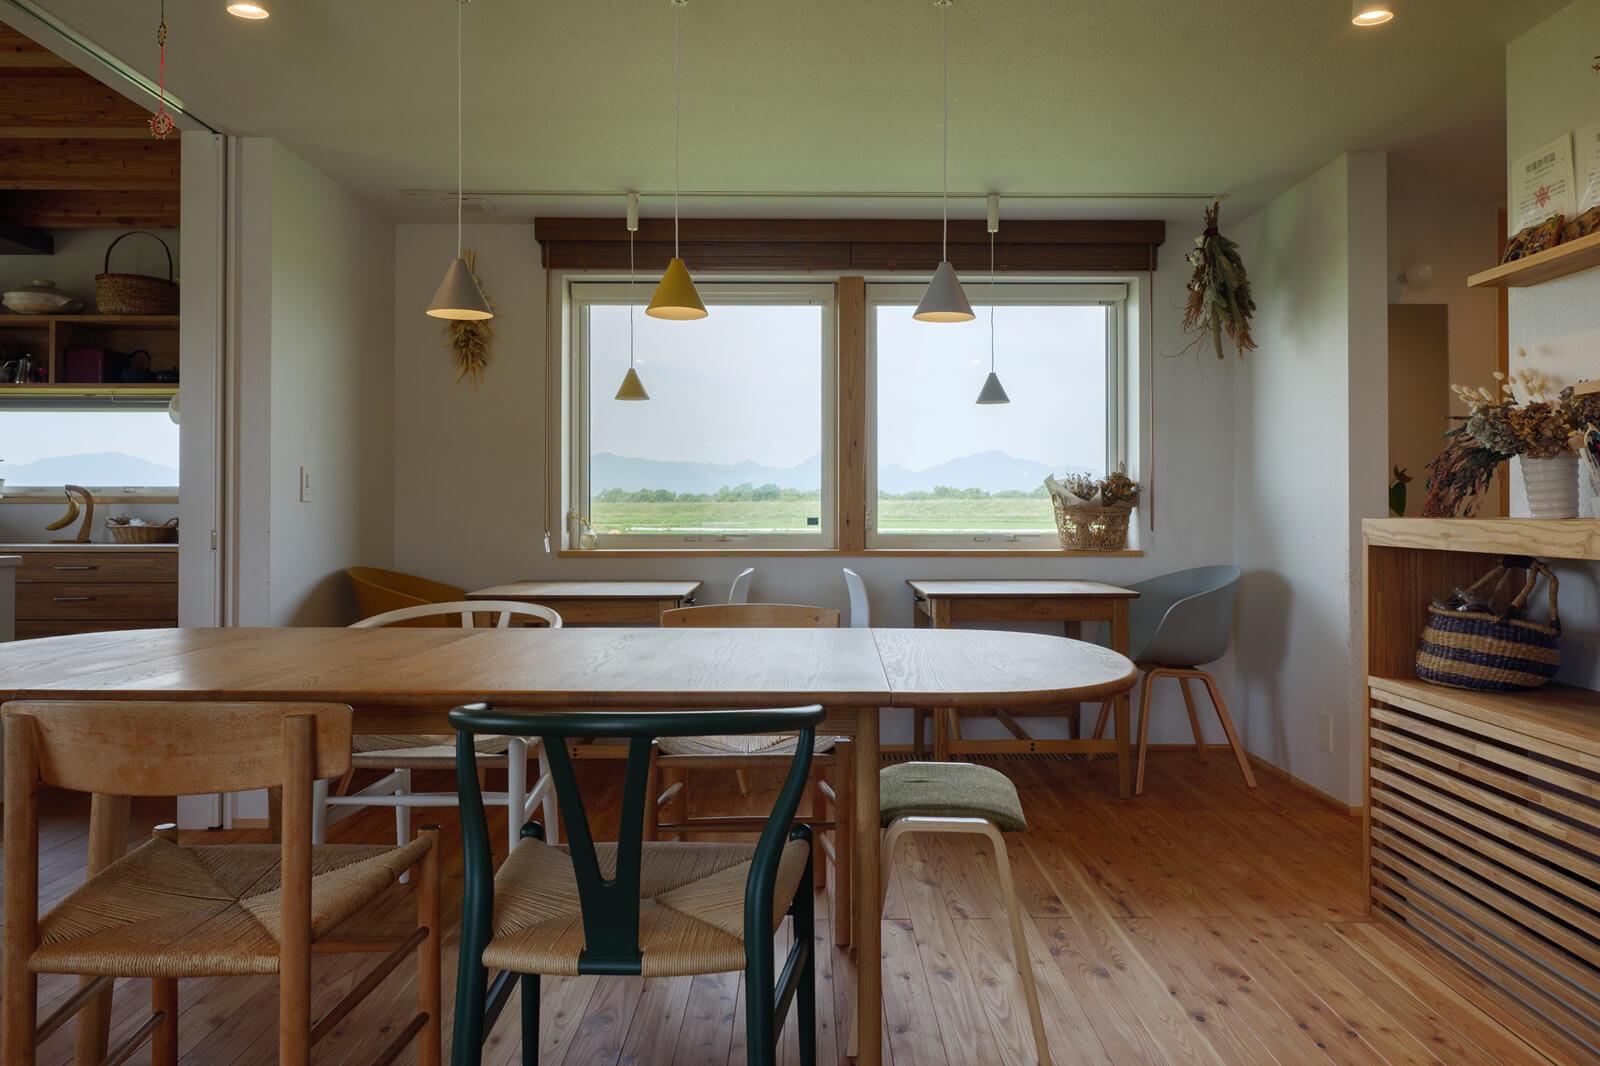 かわいらしいペンダントライトが彩るダイニング兼カフェスペース。自然素材の心地よさを五感で感じることができる空間。右手のスリットの床下にエアコンが設置されている